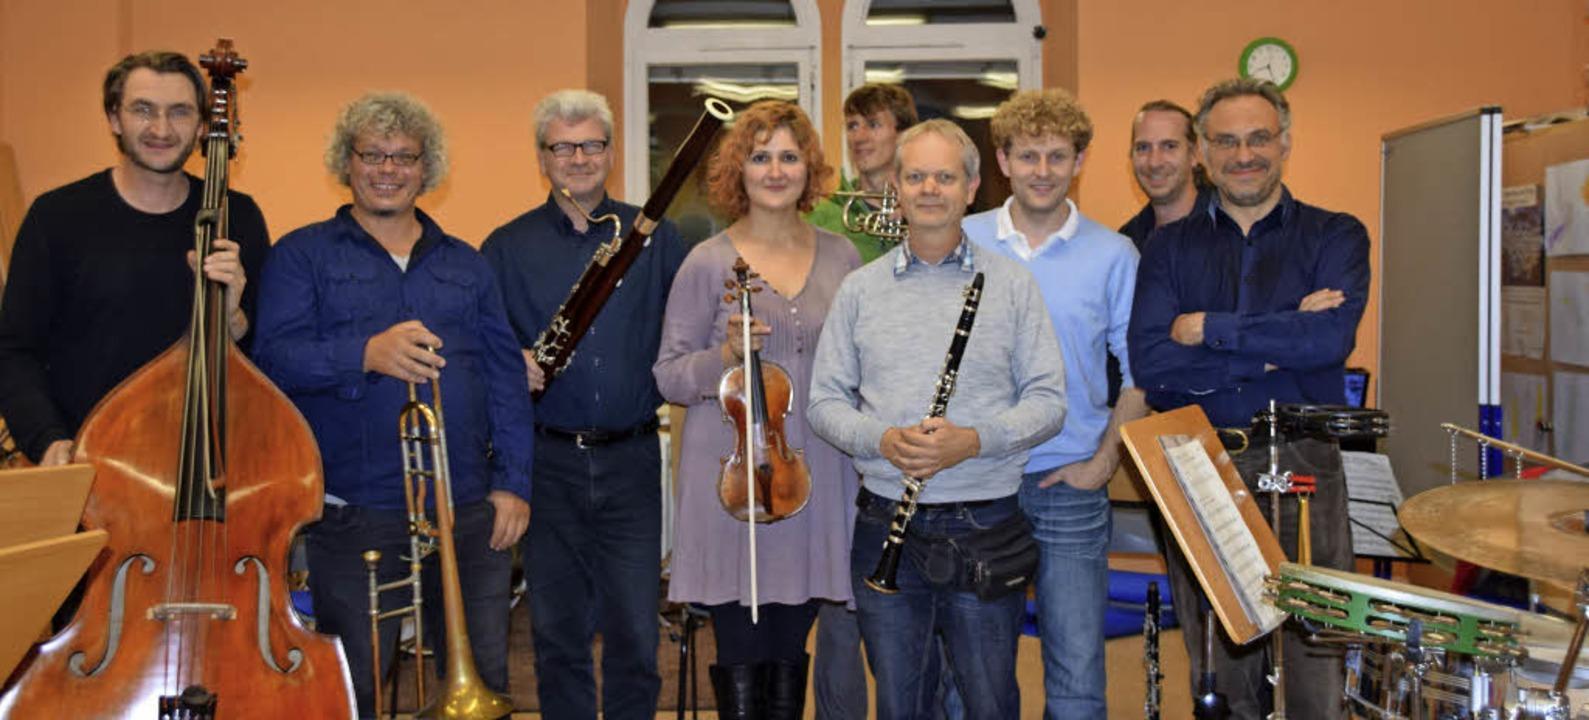 Die Musikschullehrer geben in der neue...thammer und Dirigent  Stefano Mariani   | Foto: Sarah Nöltner